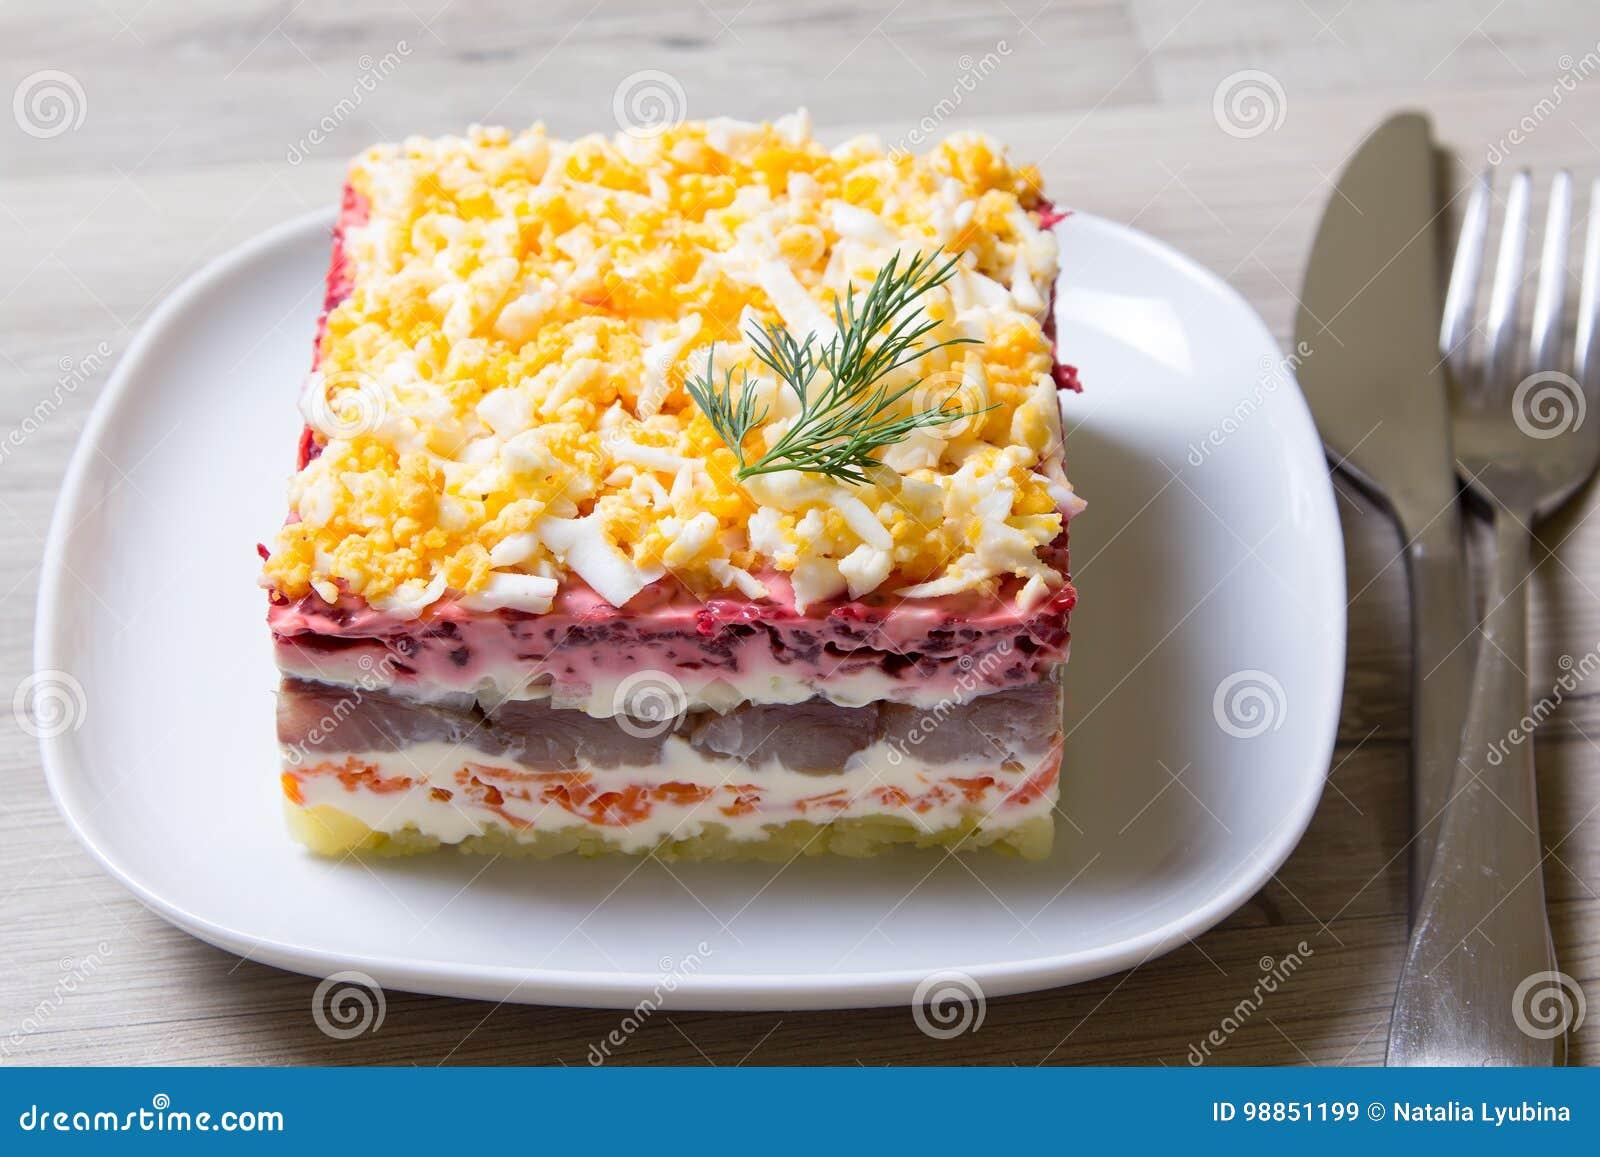 Sous Multicouche Russe Harengs Manteau De Fourrure Salade Un WEH9IebD2Y